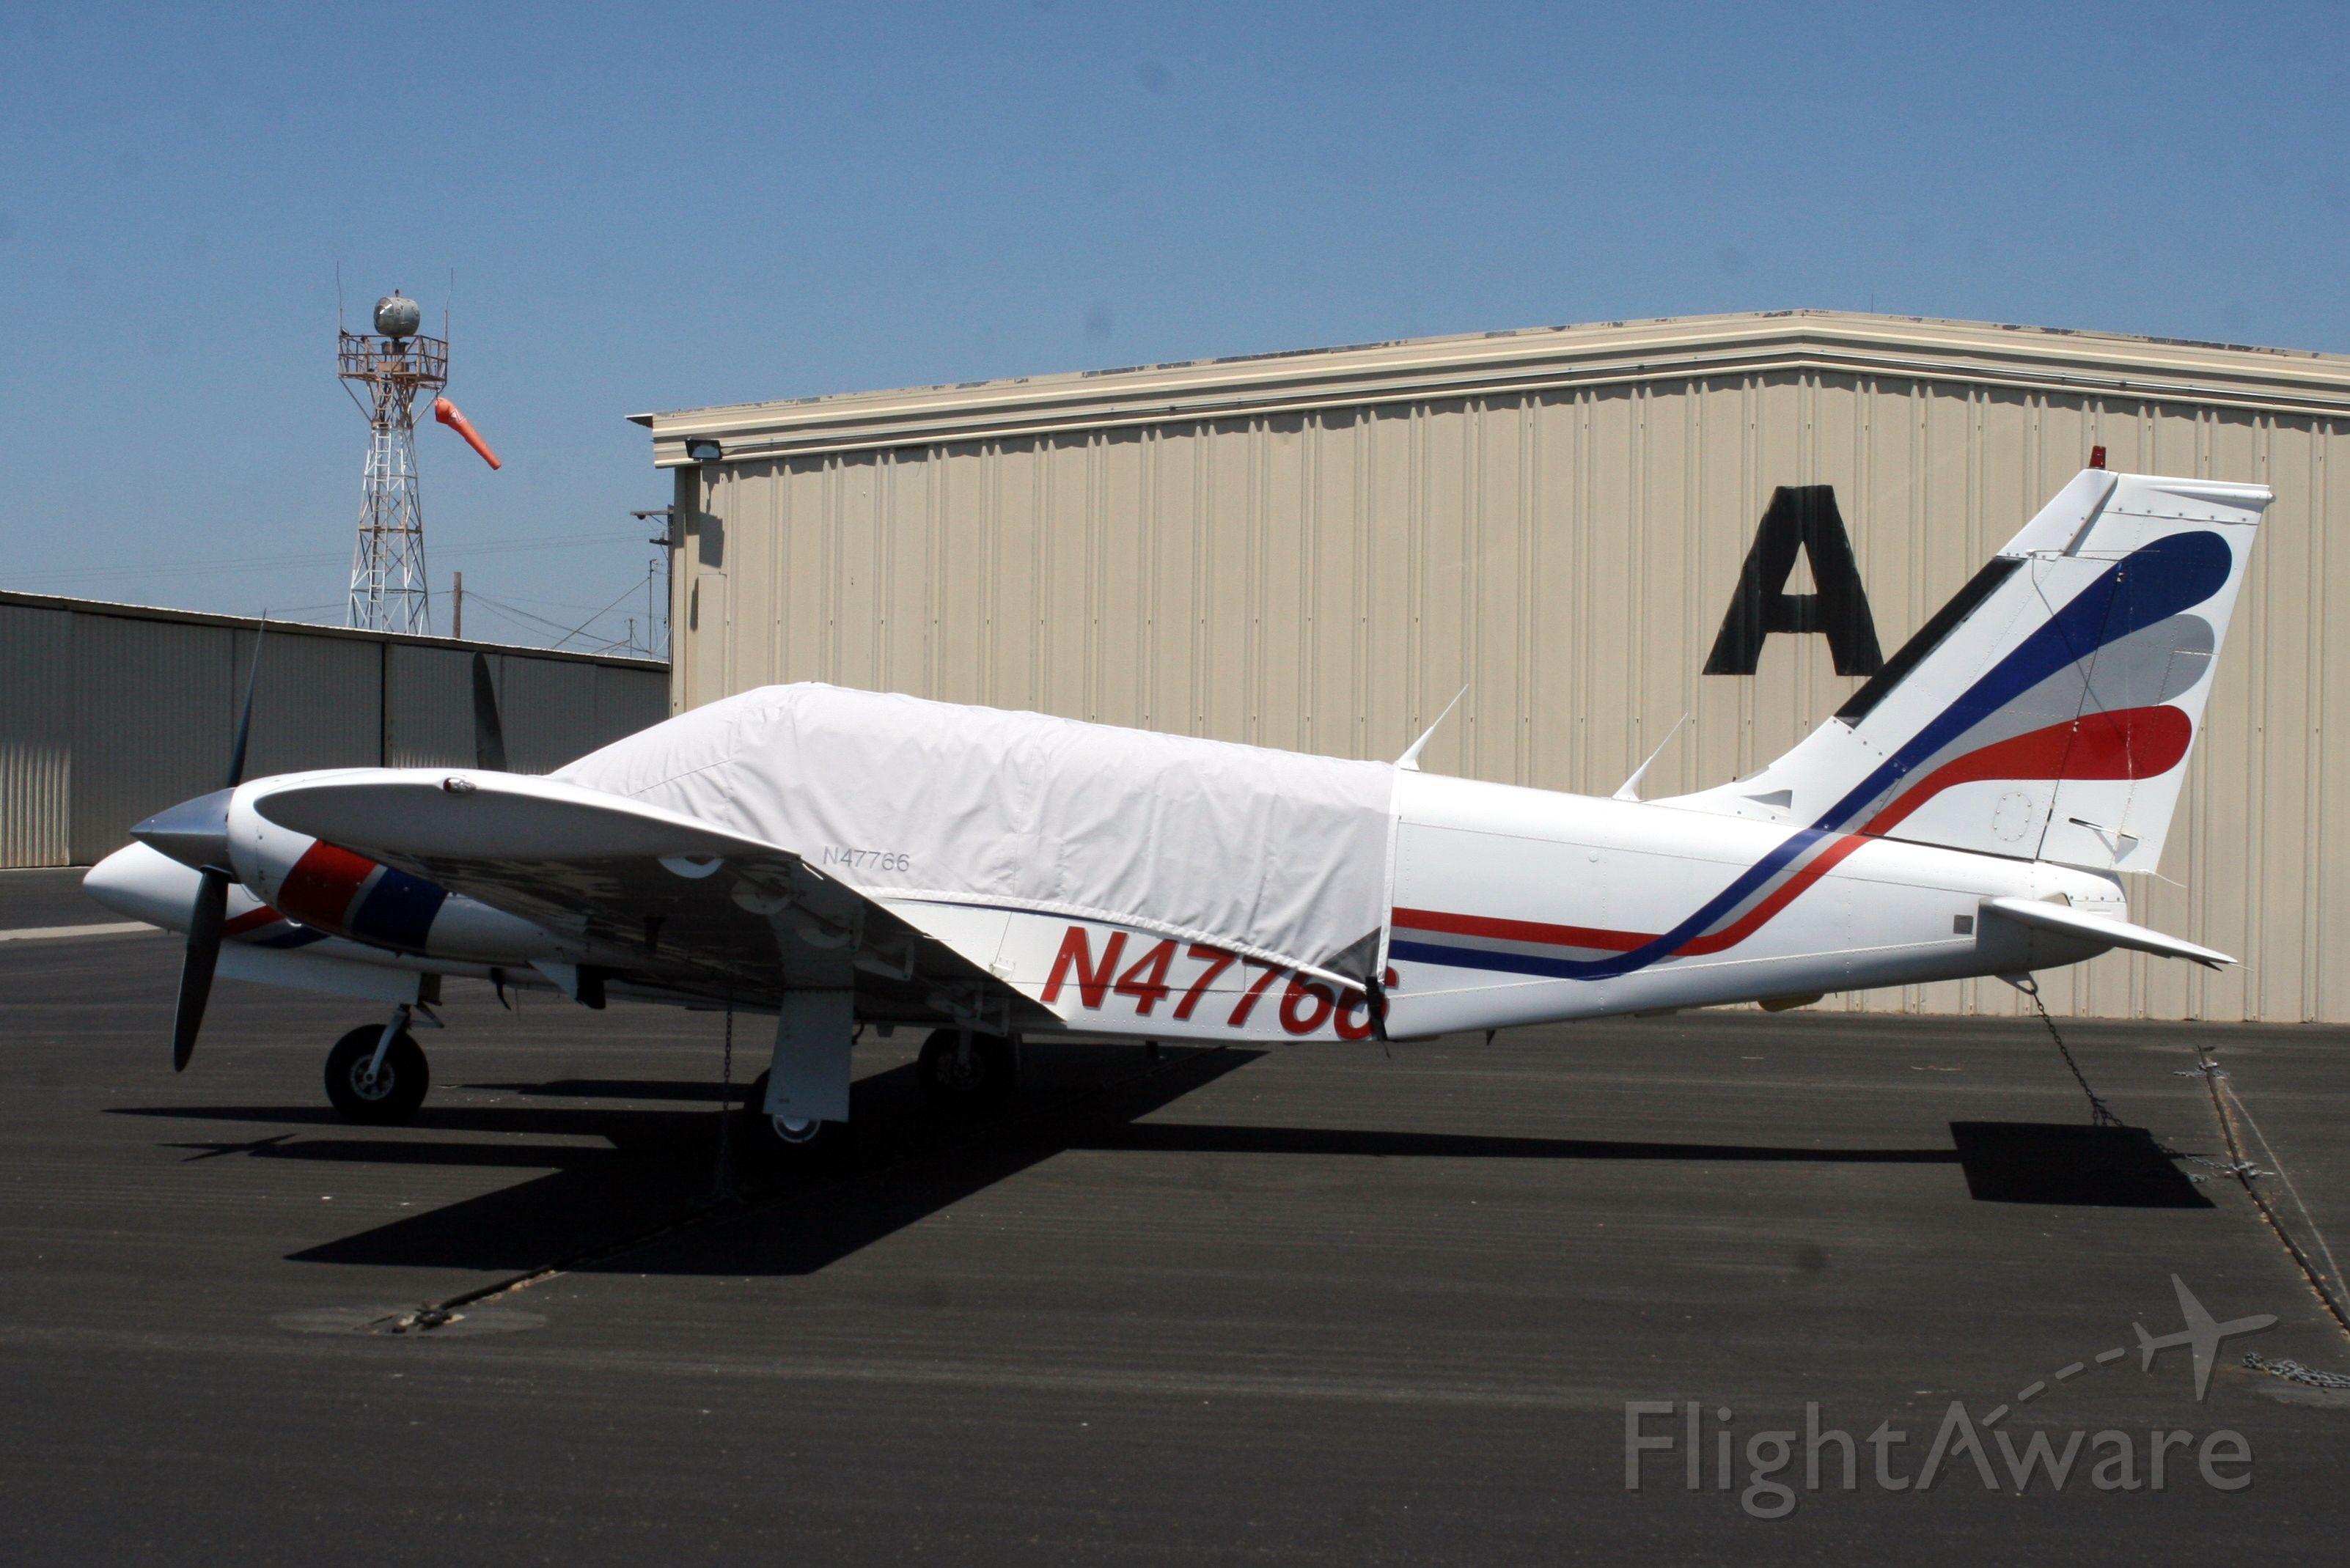 Piper Seneca (N47766) - 09-Aug-11